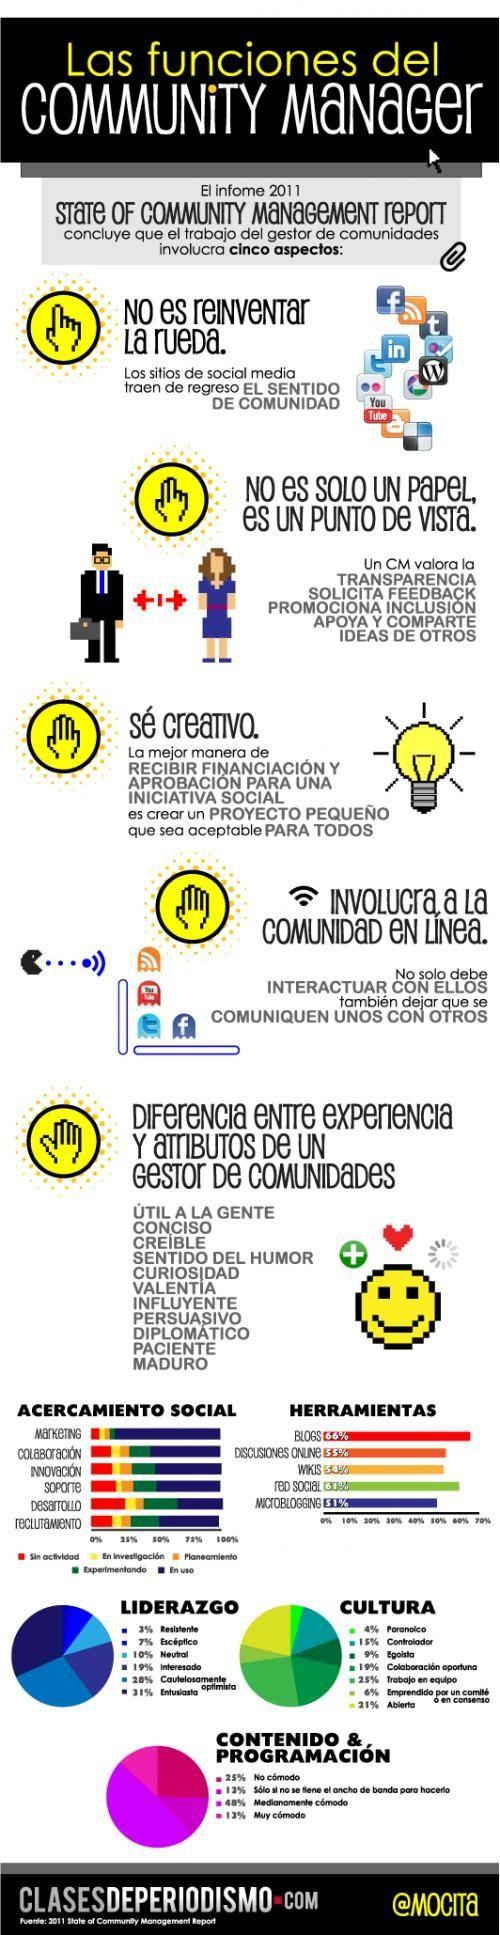 Las funciones del Community Manager #socialmedia #infographic #infografia